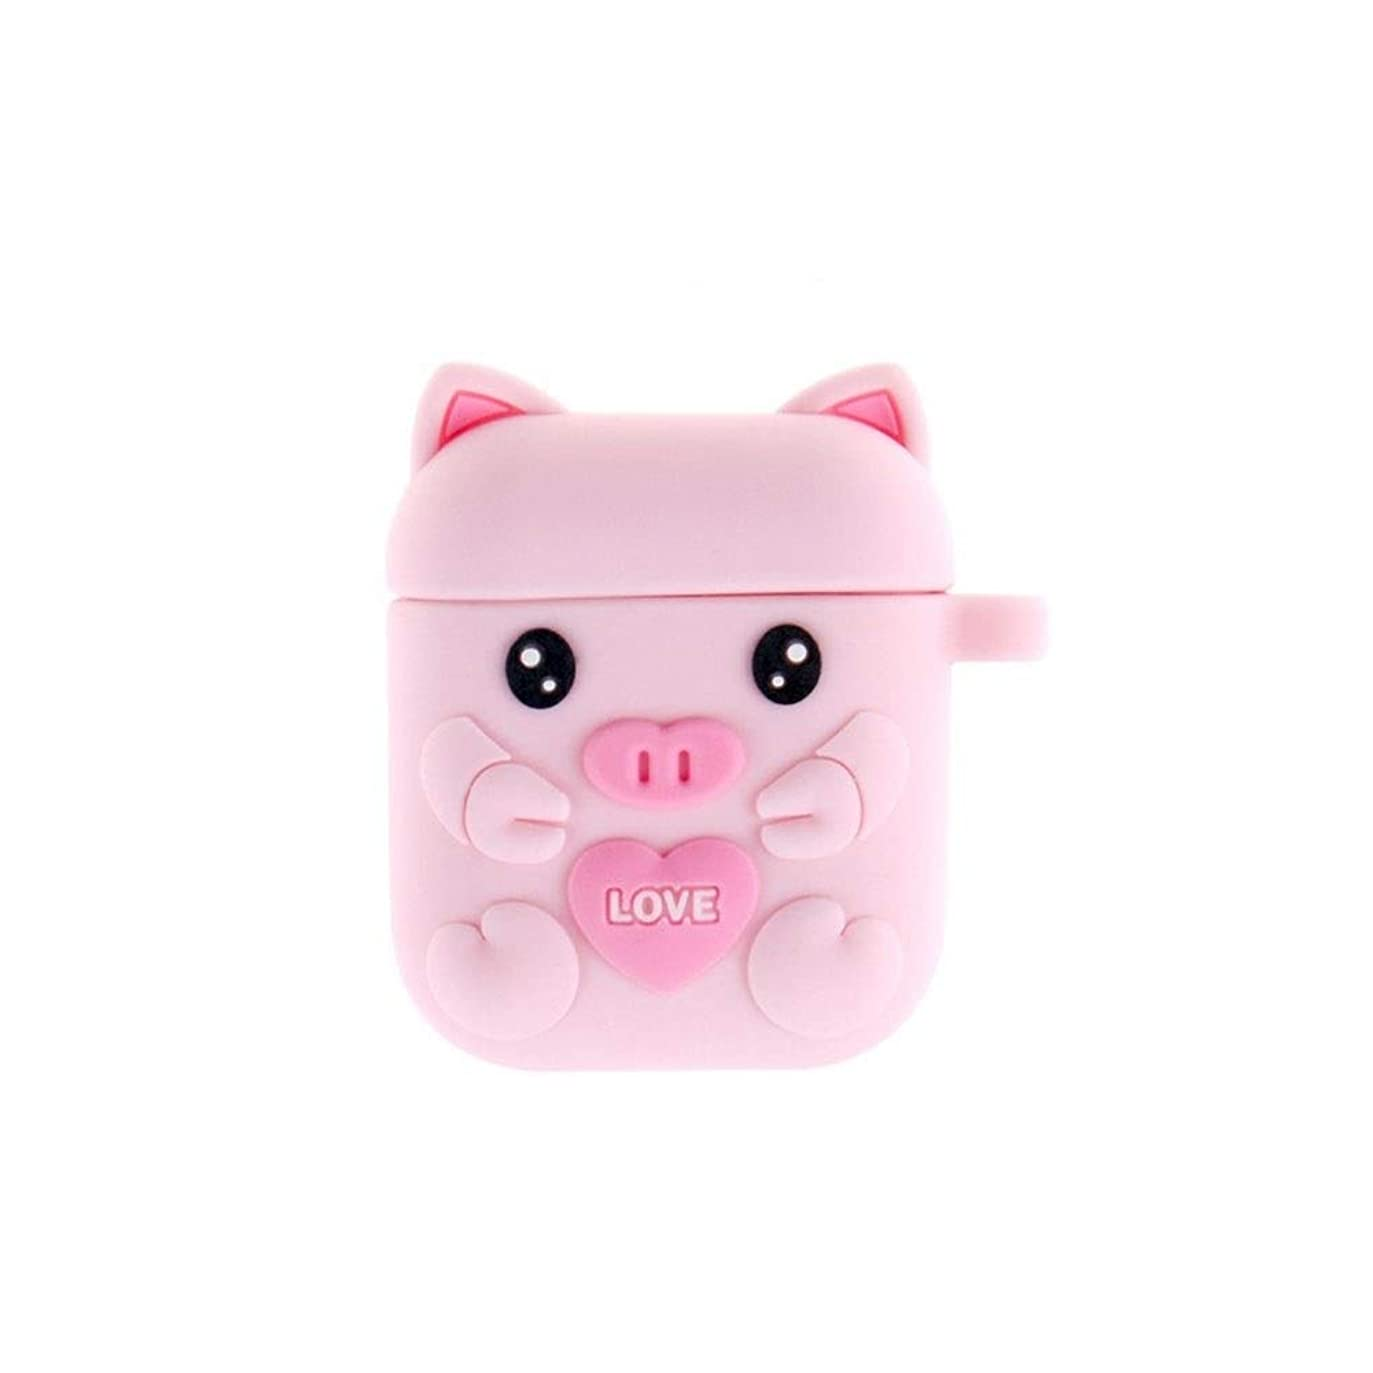 追い付く日焼け広がりJLCK Bluetoothヘッドセット漫画ケース、Airpodsかわいい漫画シリコンイヤホンボックス 最高の贈り物 (Color : Pink)